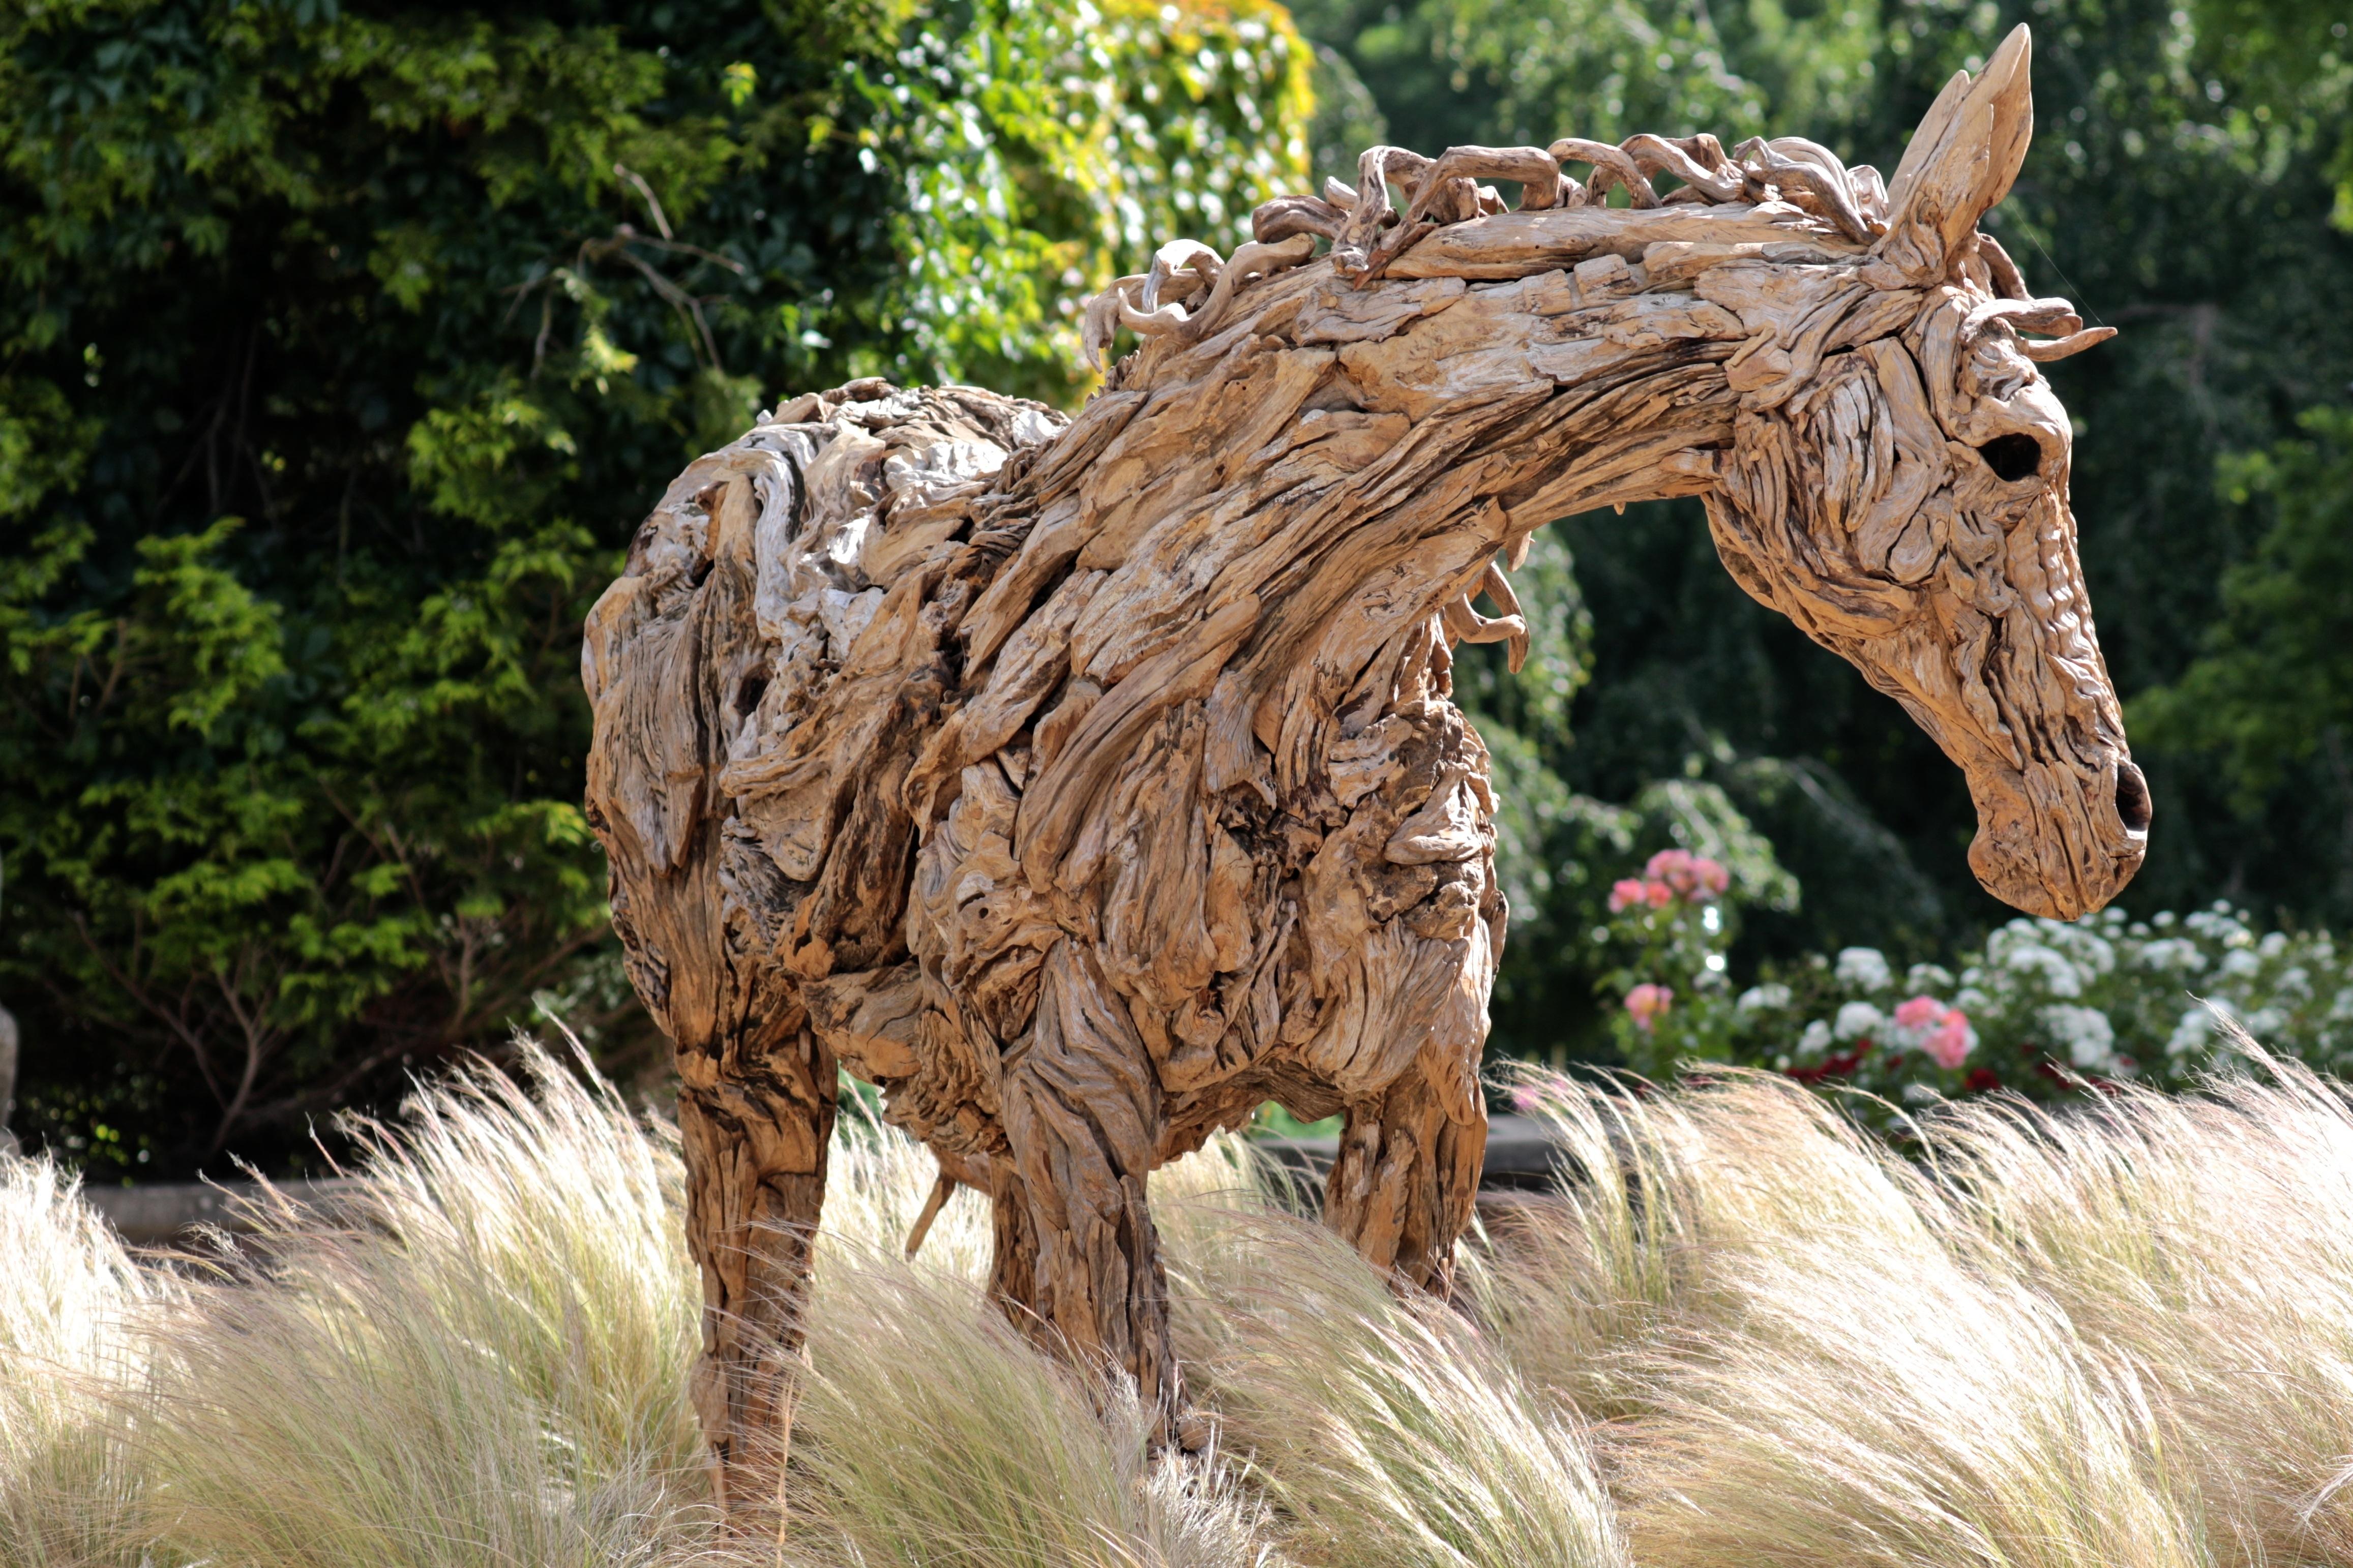 Kostenlose foto : Holz, Tierwelt, Statue, Hengst, Mähne, Fauna ...